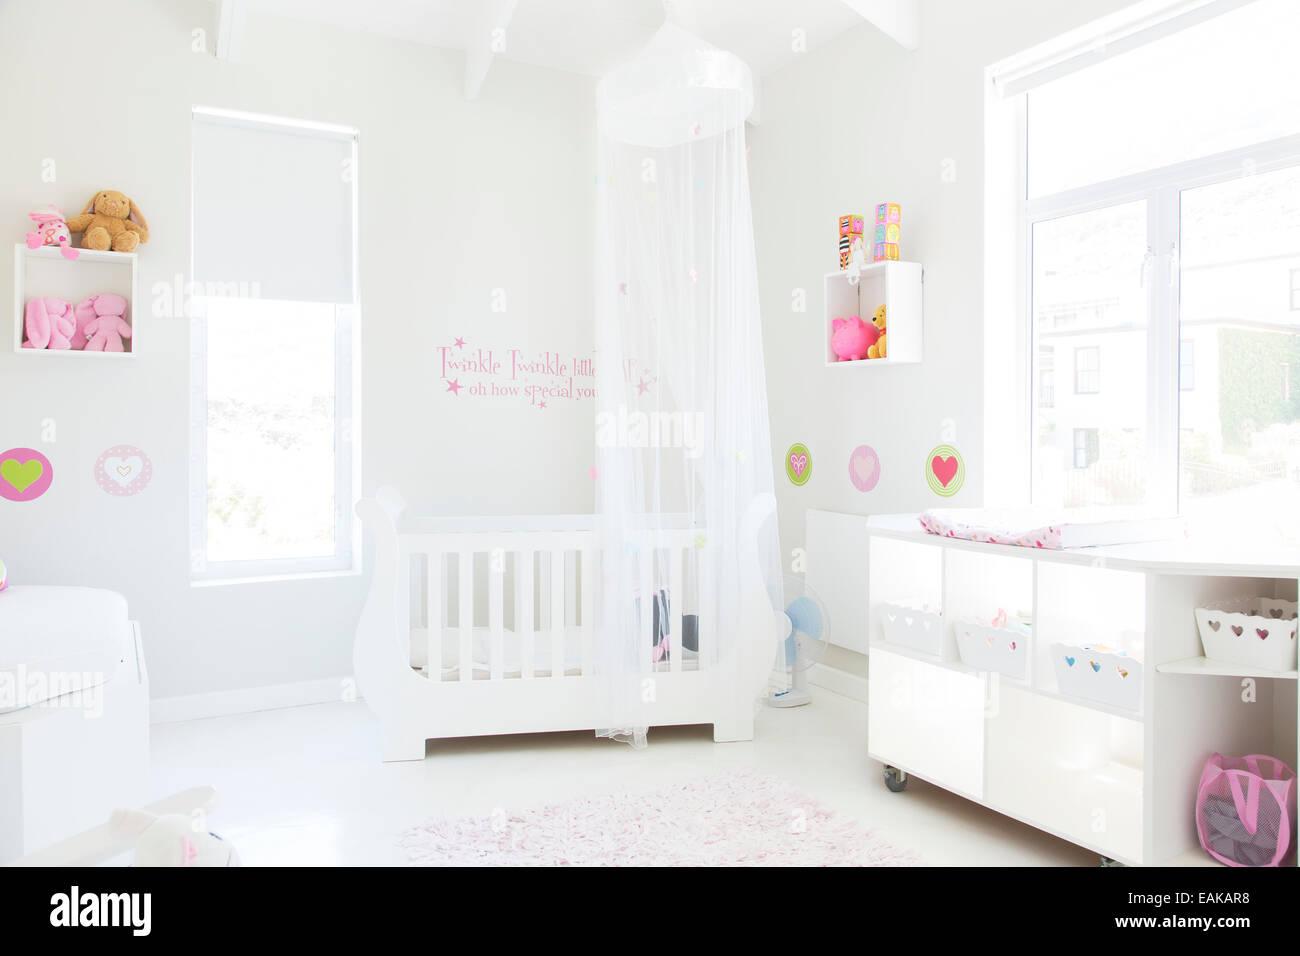 Krippe Mit Tull Baldachin In Pastell Farbigen Babyzimmer Weiss